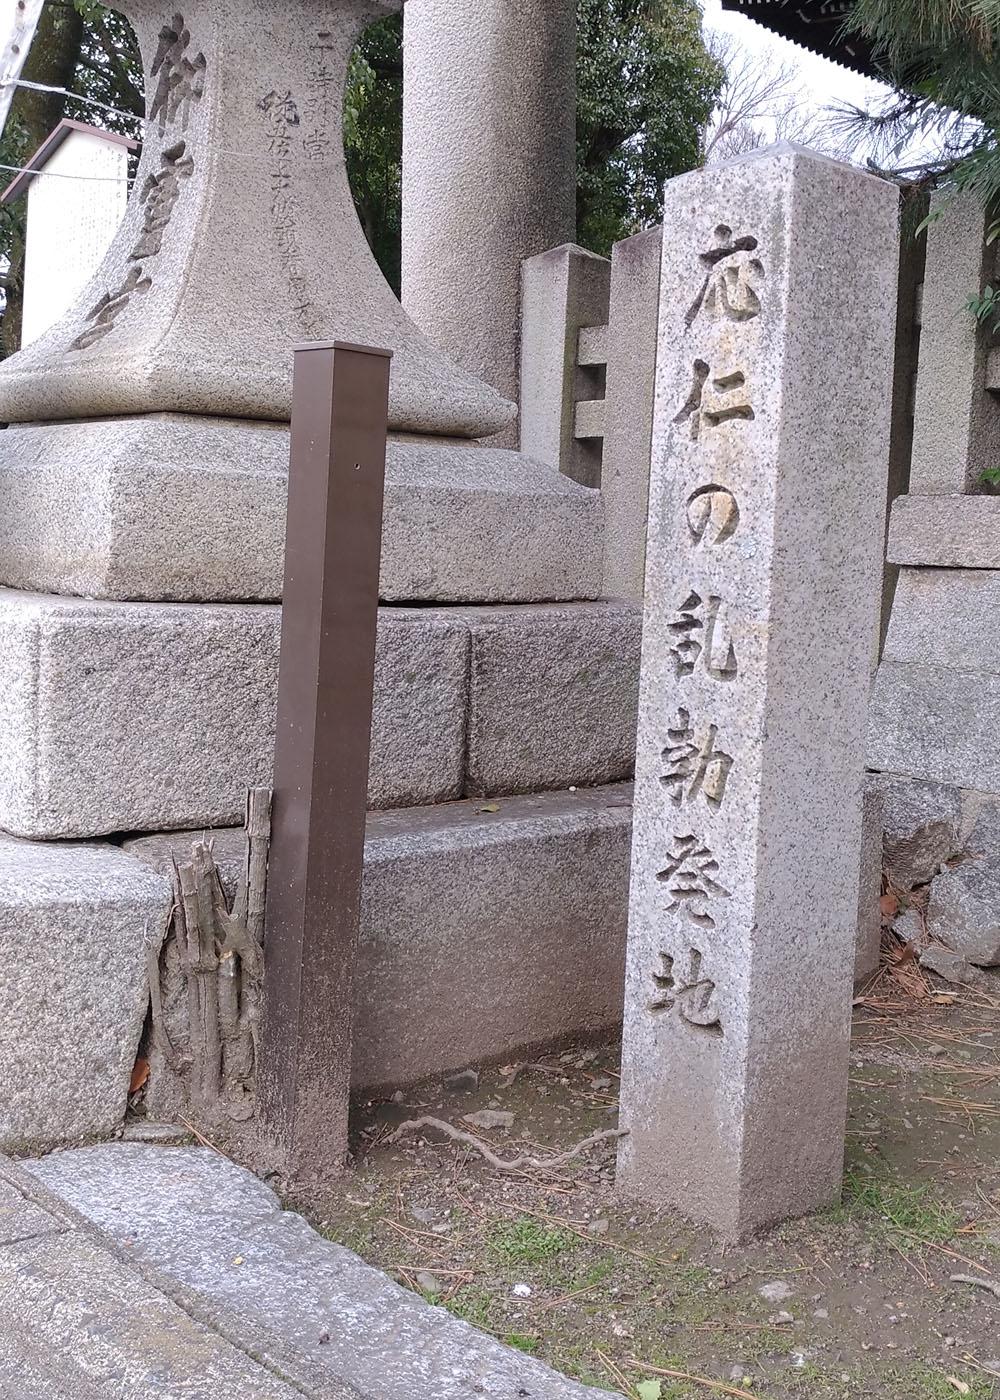 応仁の乱の石碑画像